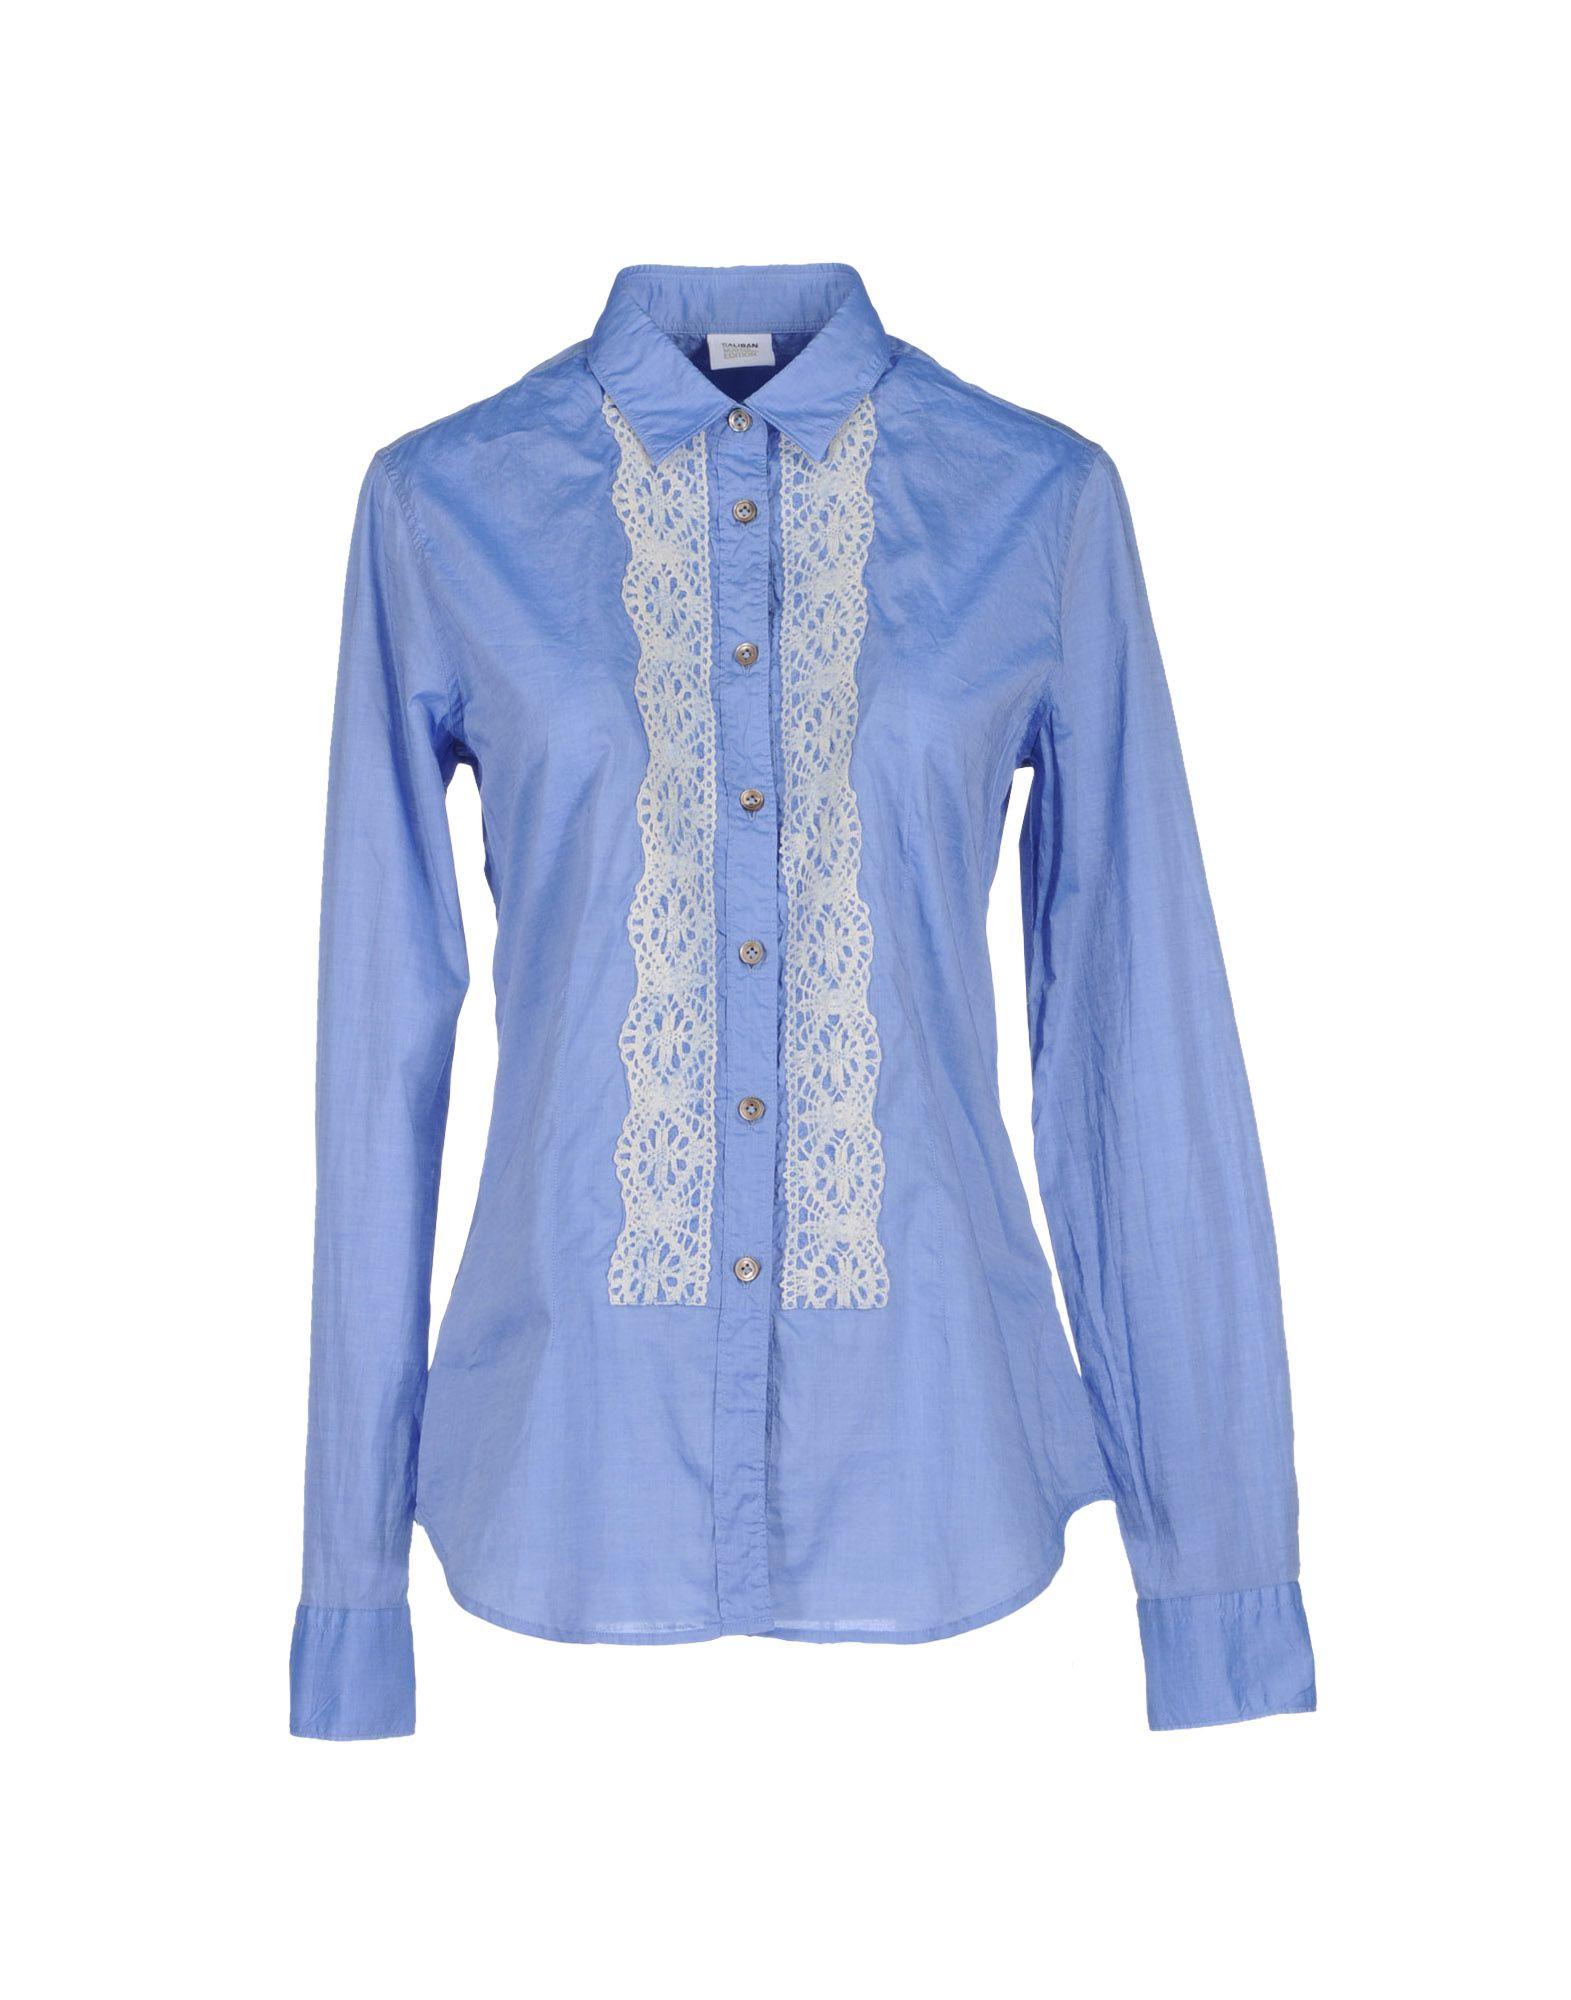 купить CALIBAN RUE DE MATHIEU EDITION Рубашка с длинными рукавами по цене 6000 рублей